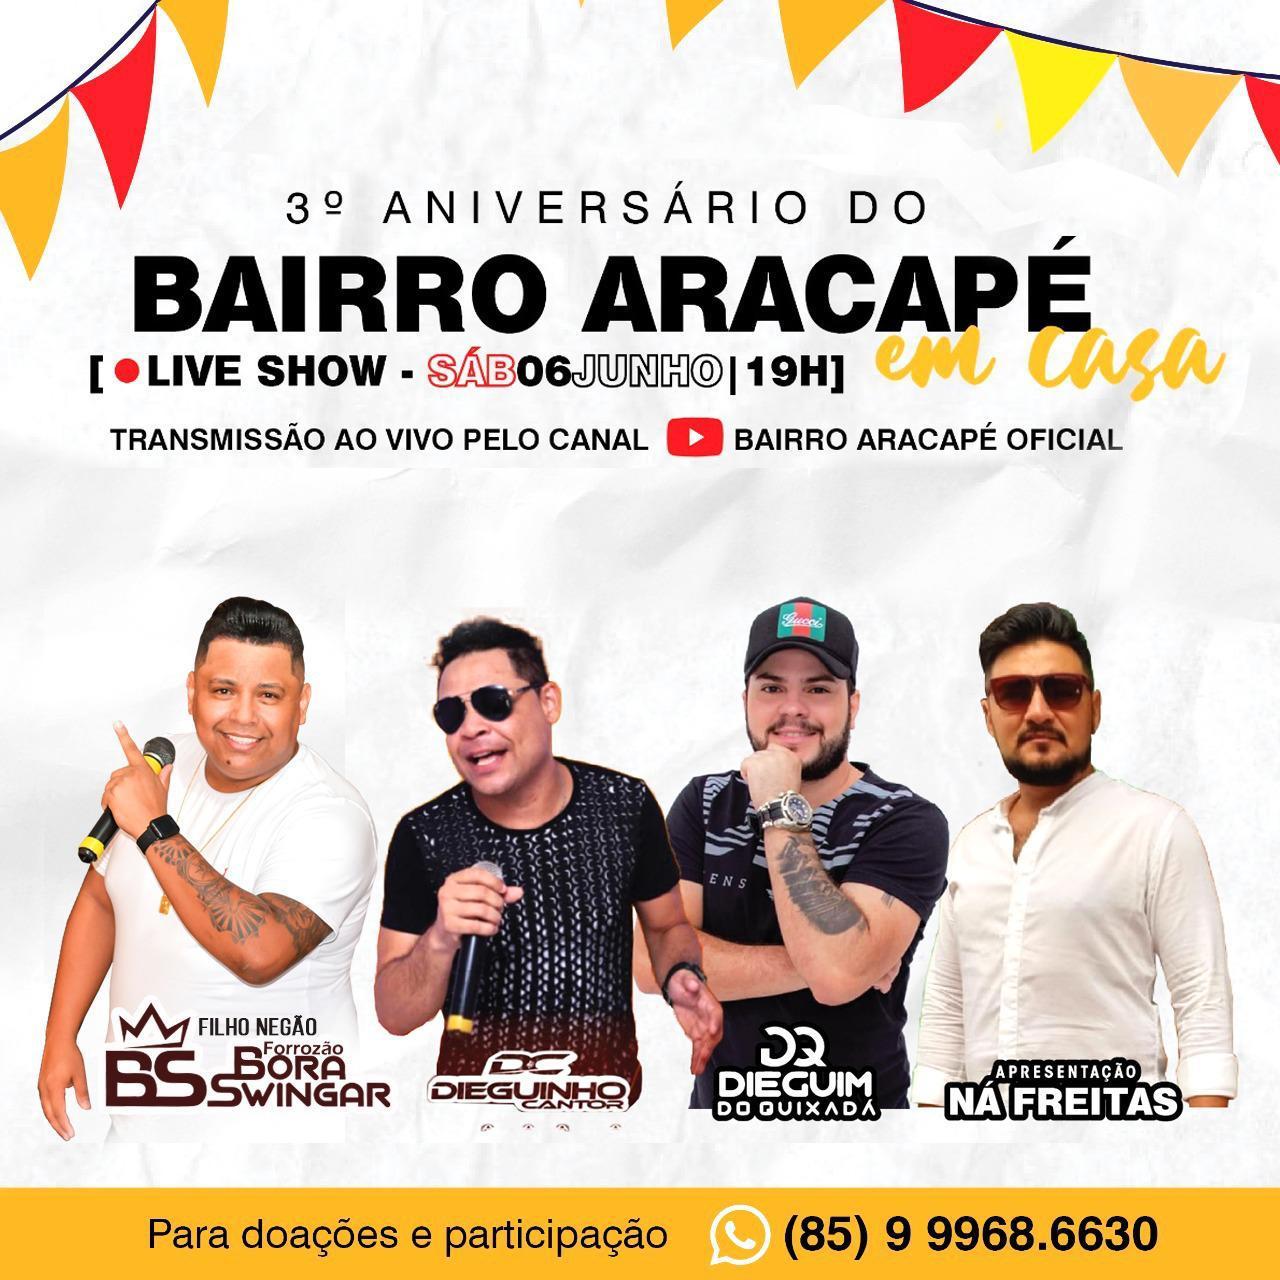 Live show solidária comemora 3°aniversário do bairro Aracapé em Fortaleza neste sábado